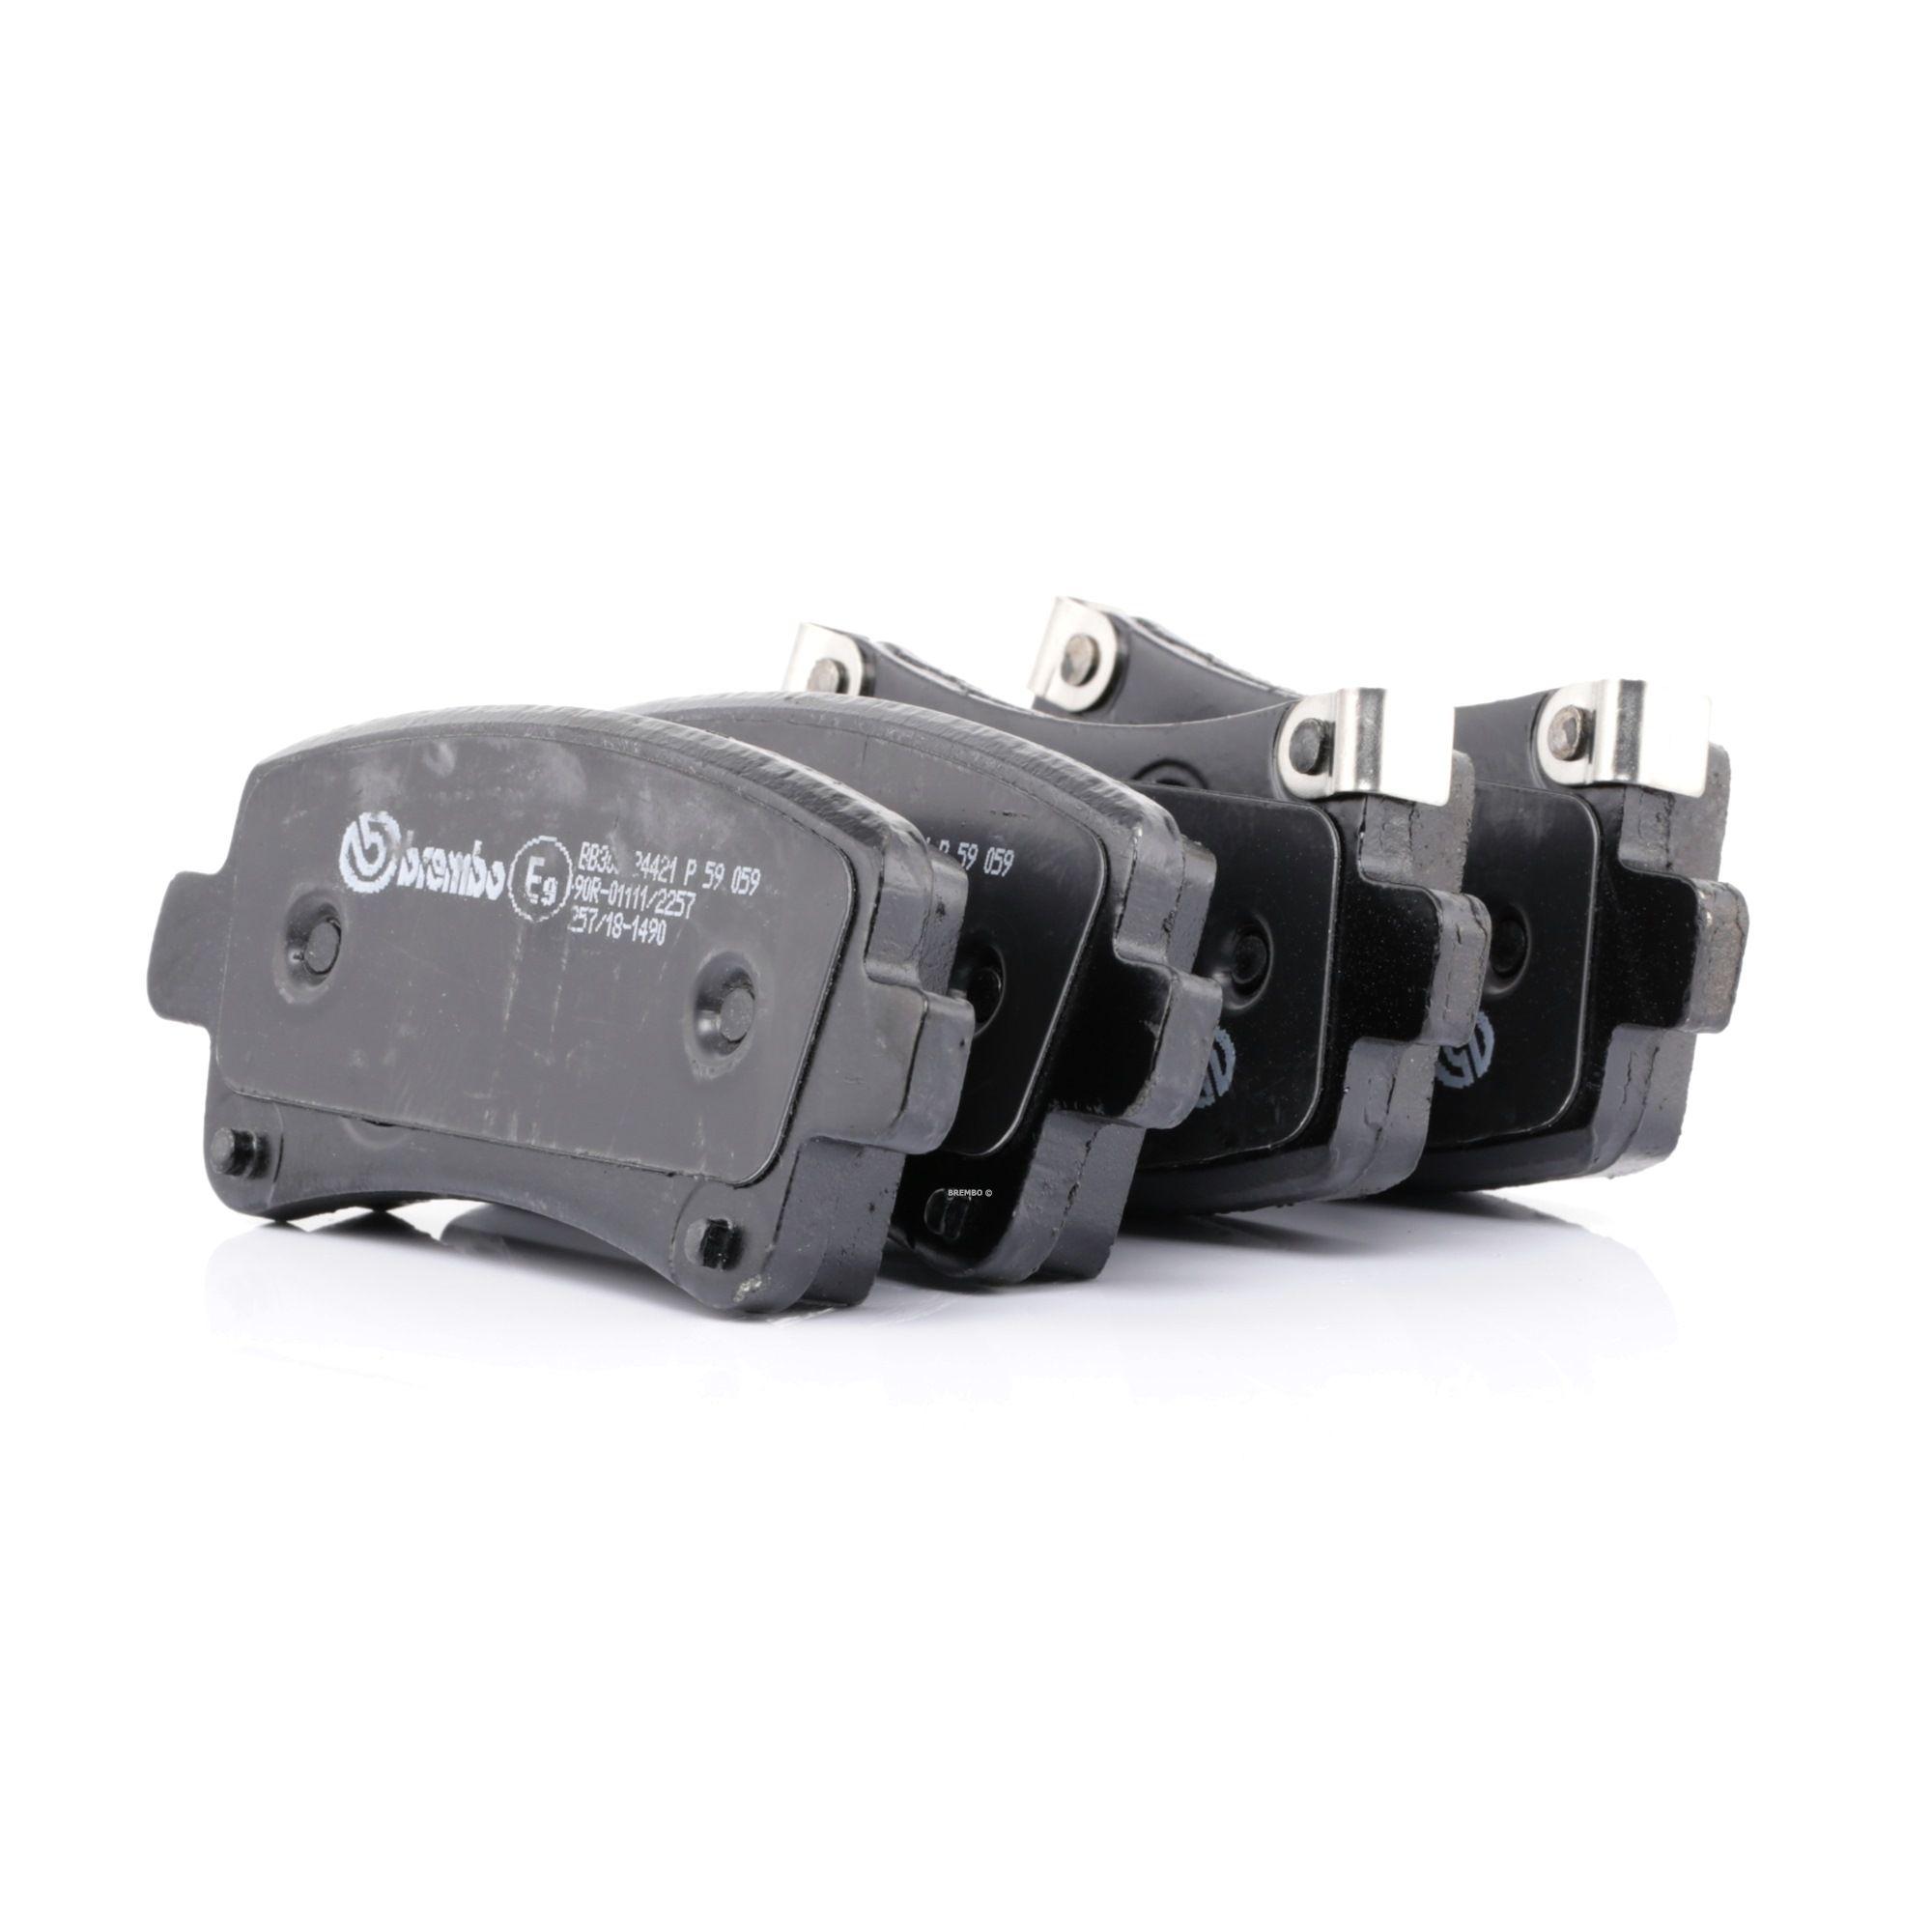 Disk brake pads BREMBO 24421 rating